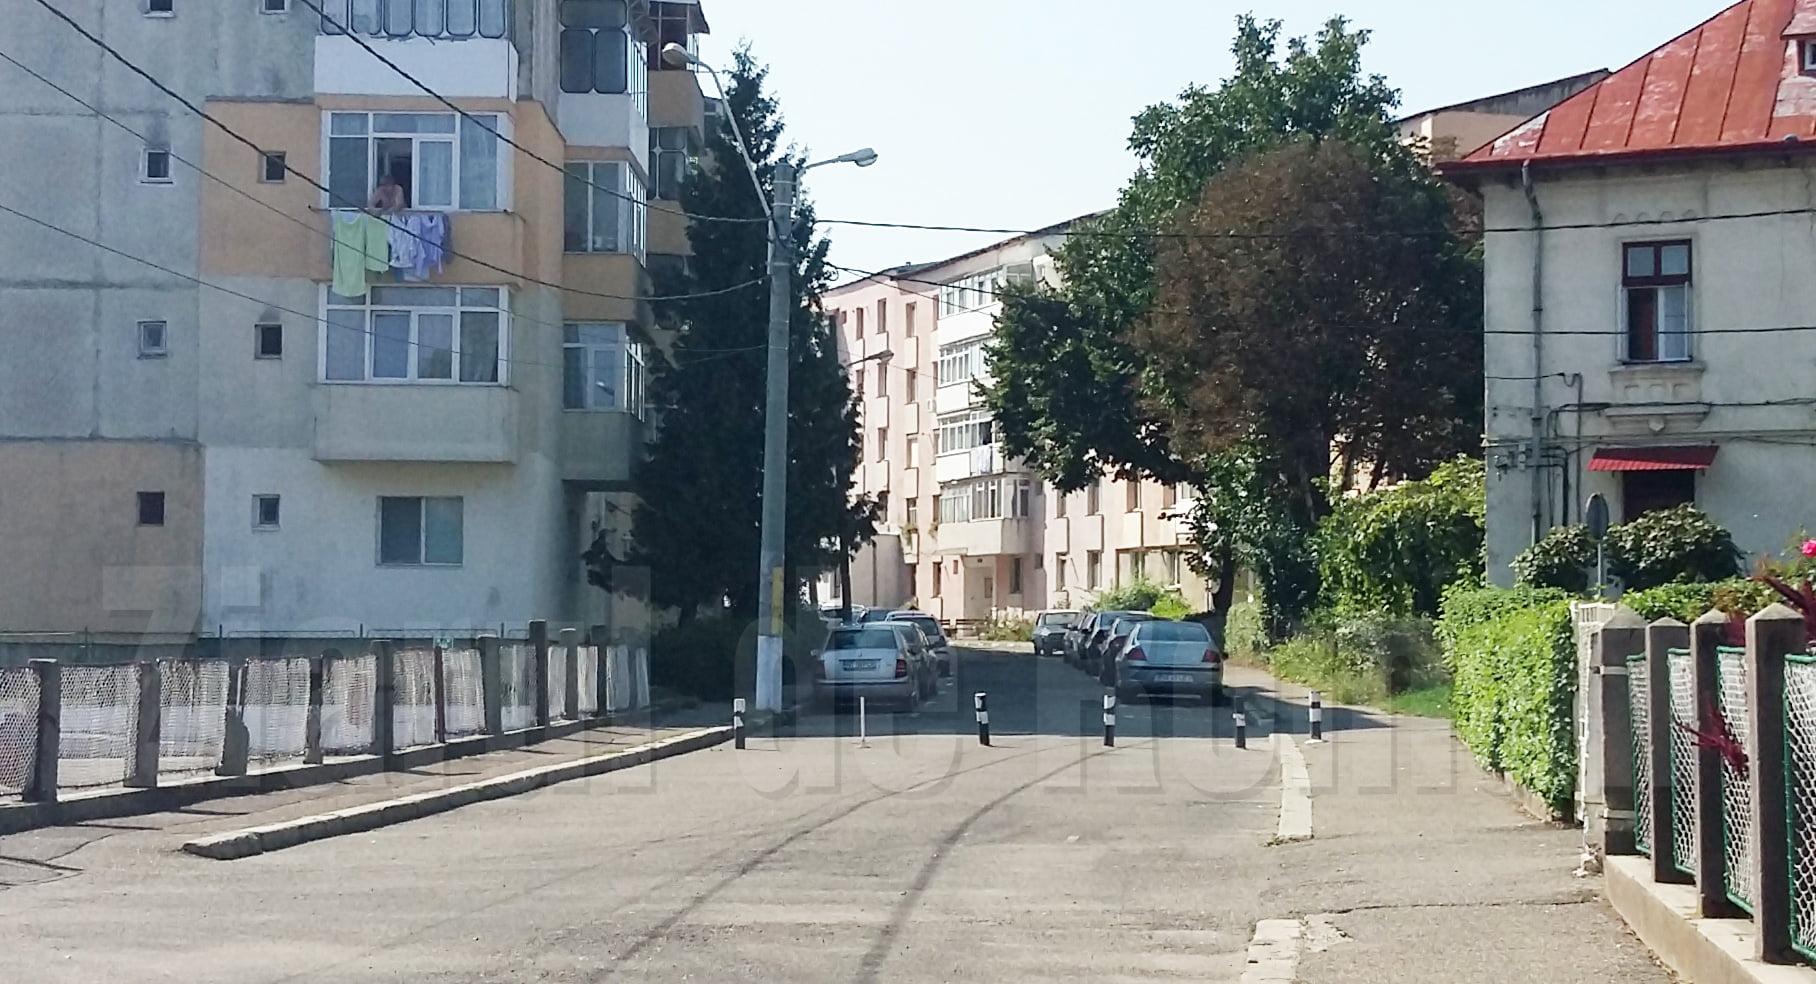 Începe asfaltarea străzilor C.A. Rosetti și Calistrat Hogaș